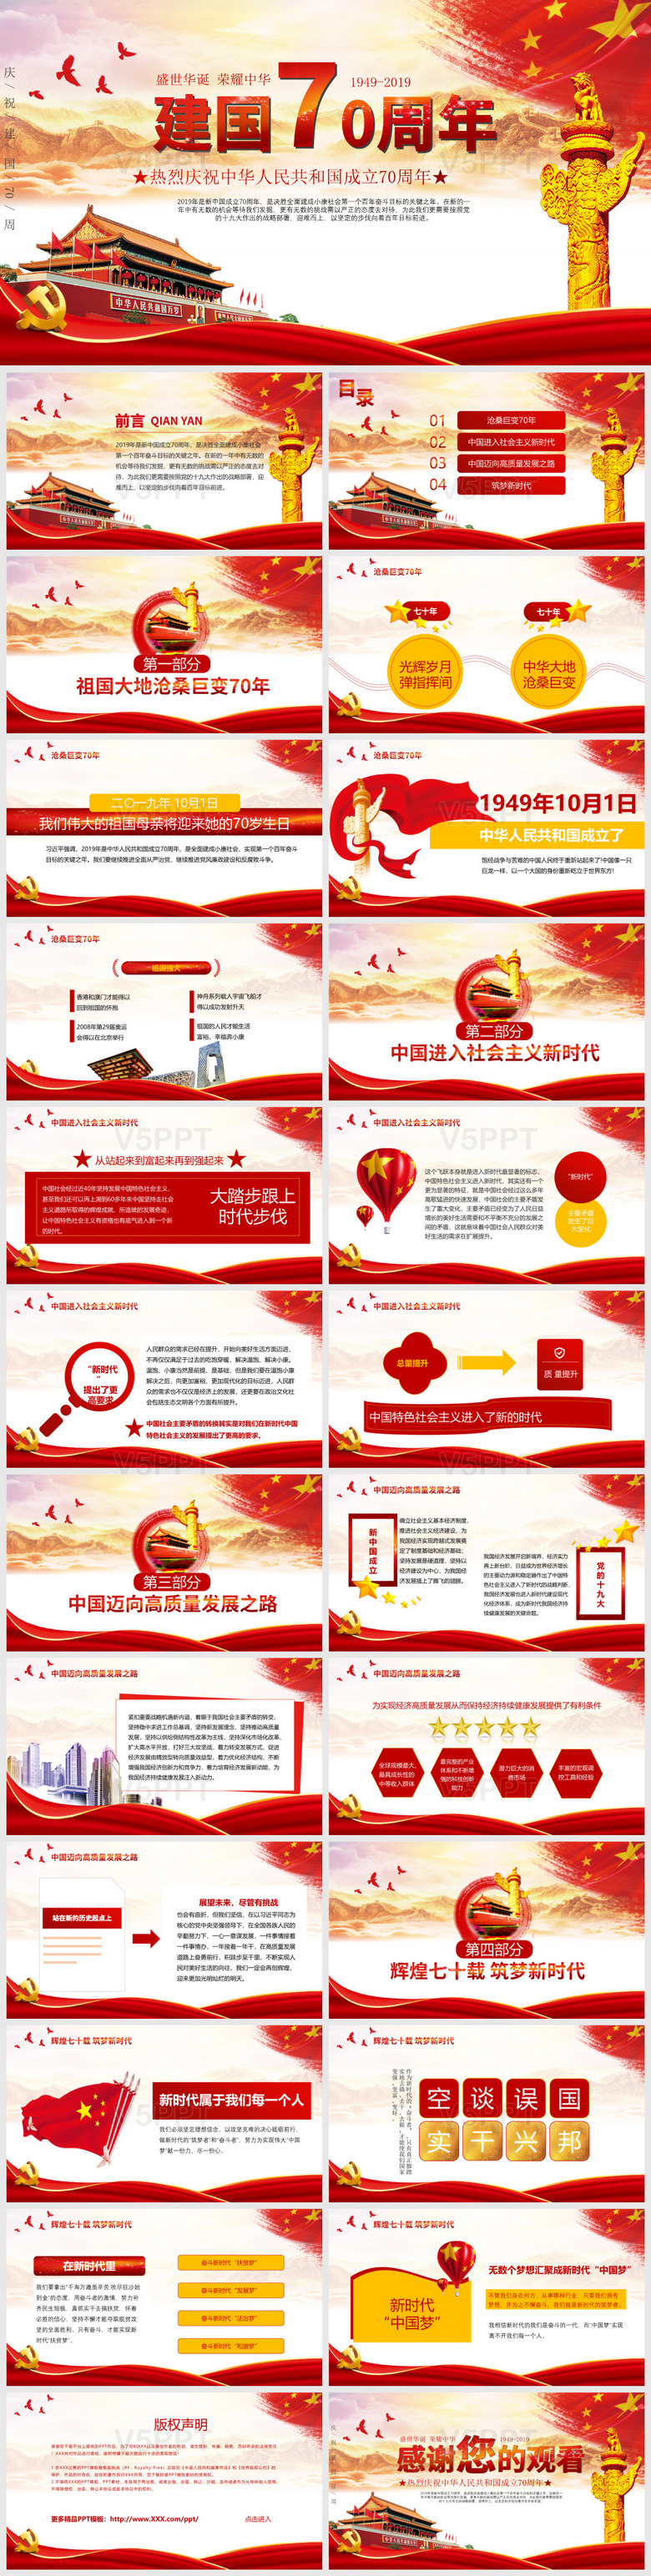 党政风党建党课培训红色大气建国70周年宣传PPT模板